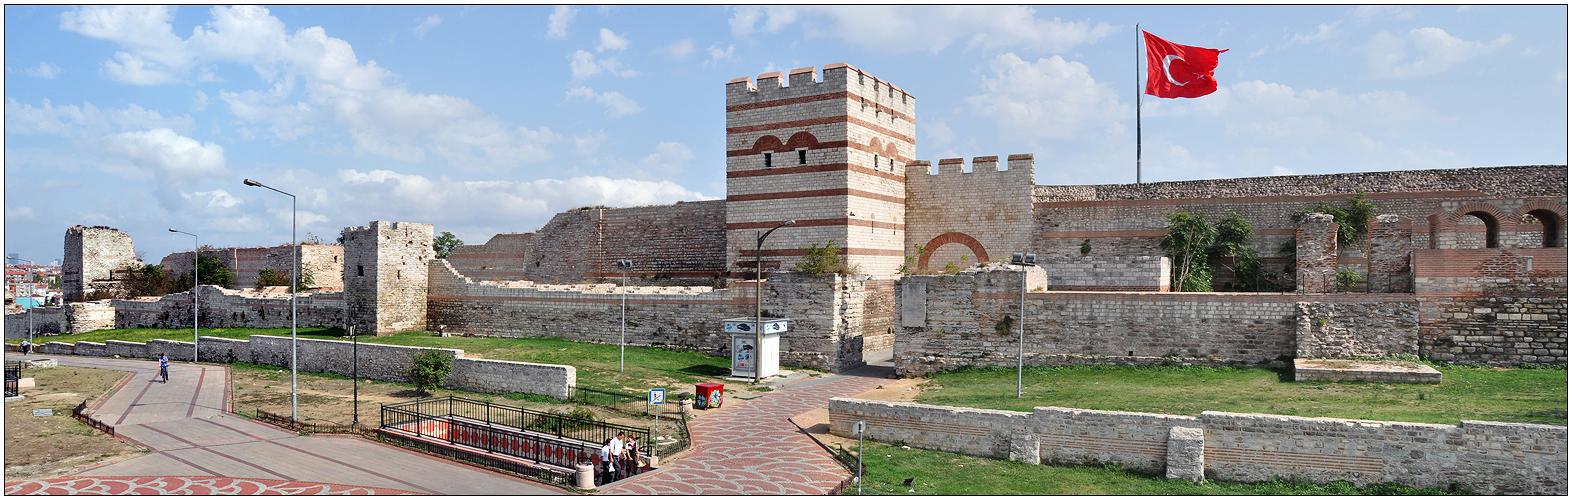 Die Theodosianische Landmauer